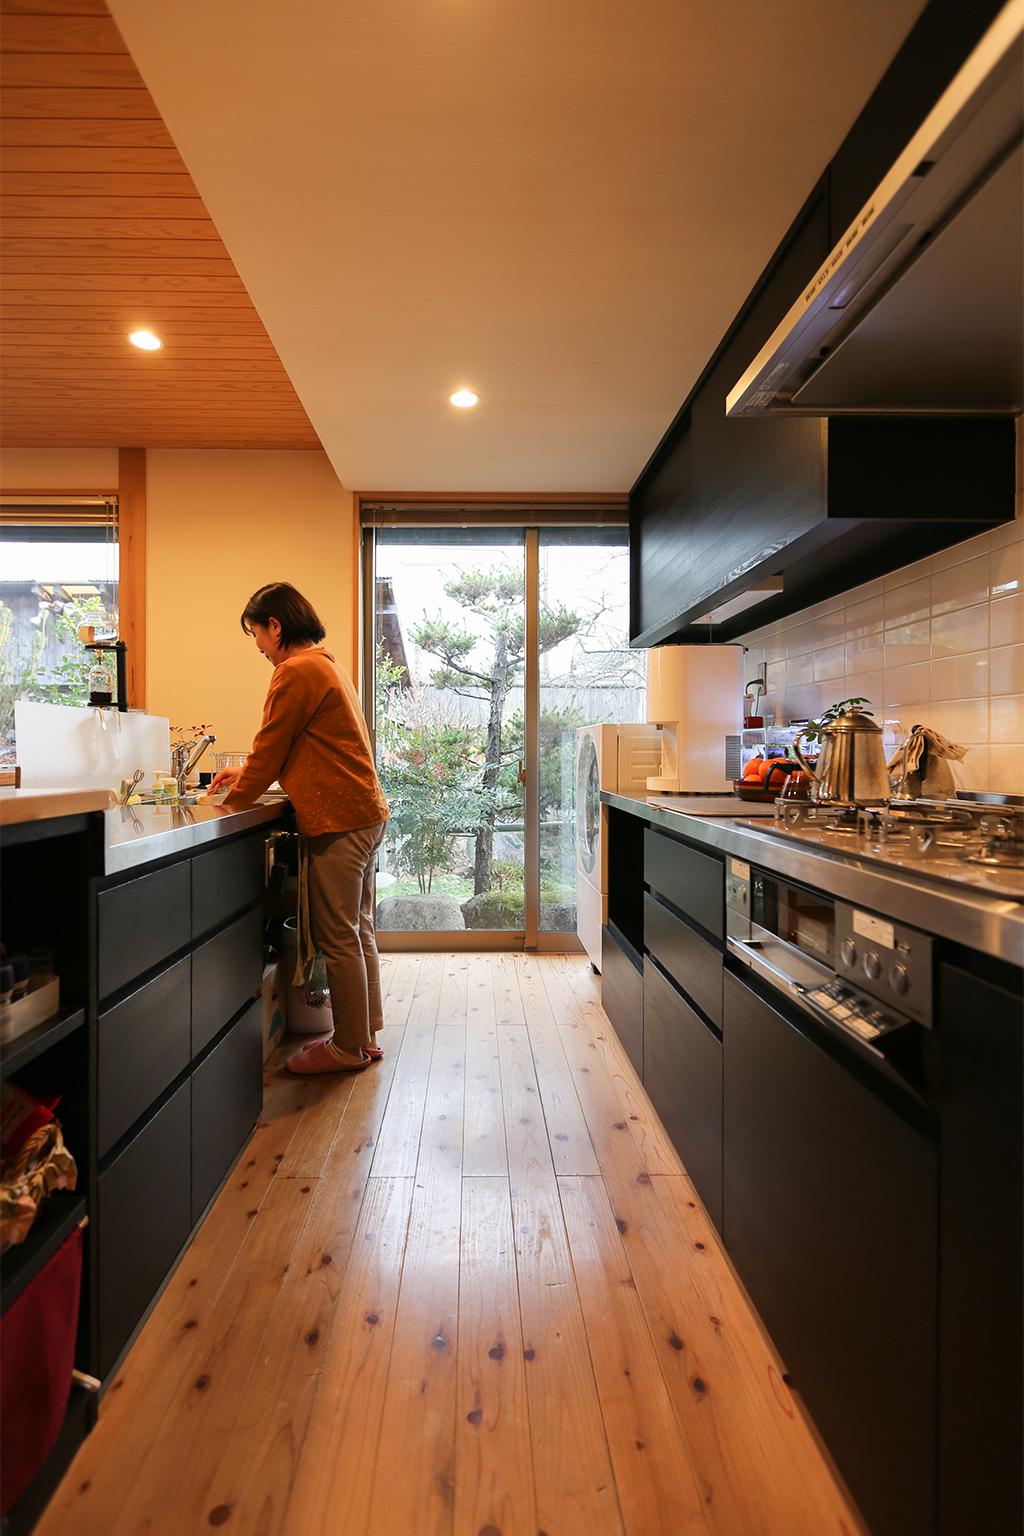 赤穂郡の木の家 大容量の収納を備えたオリジナルキッチン